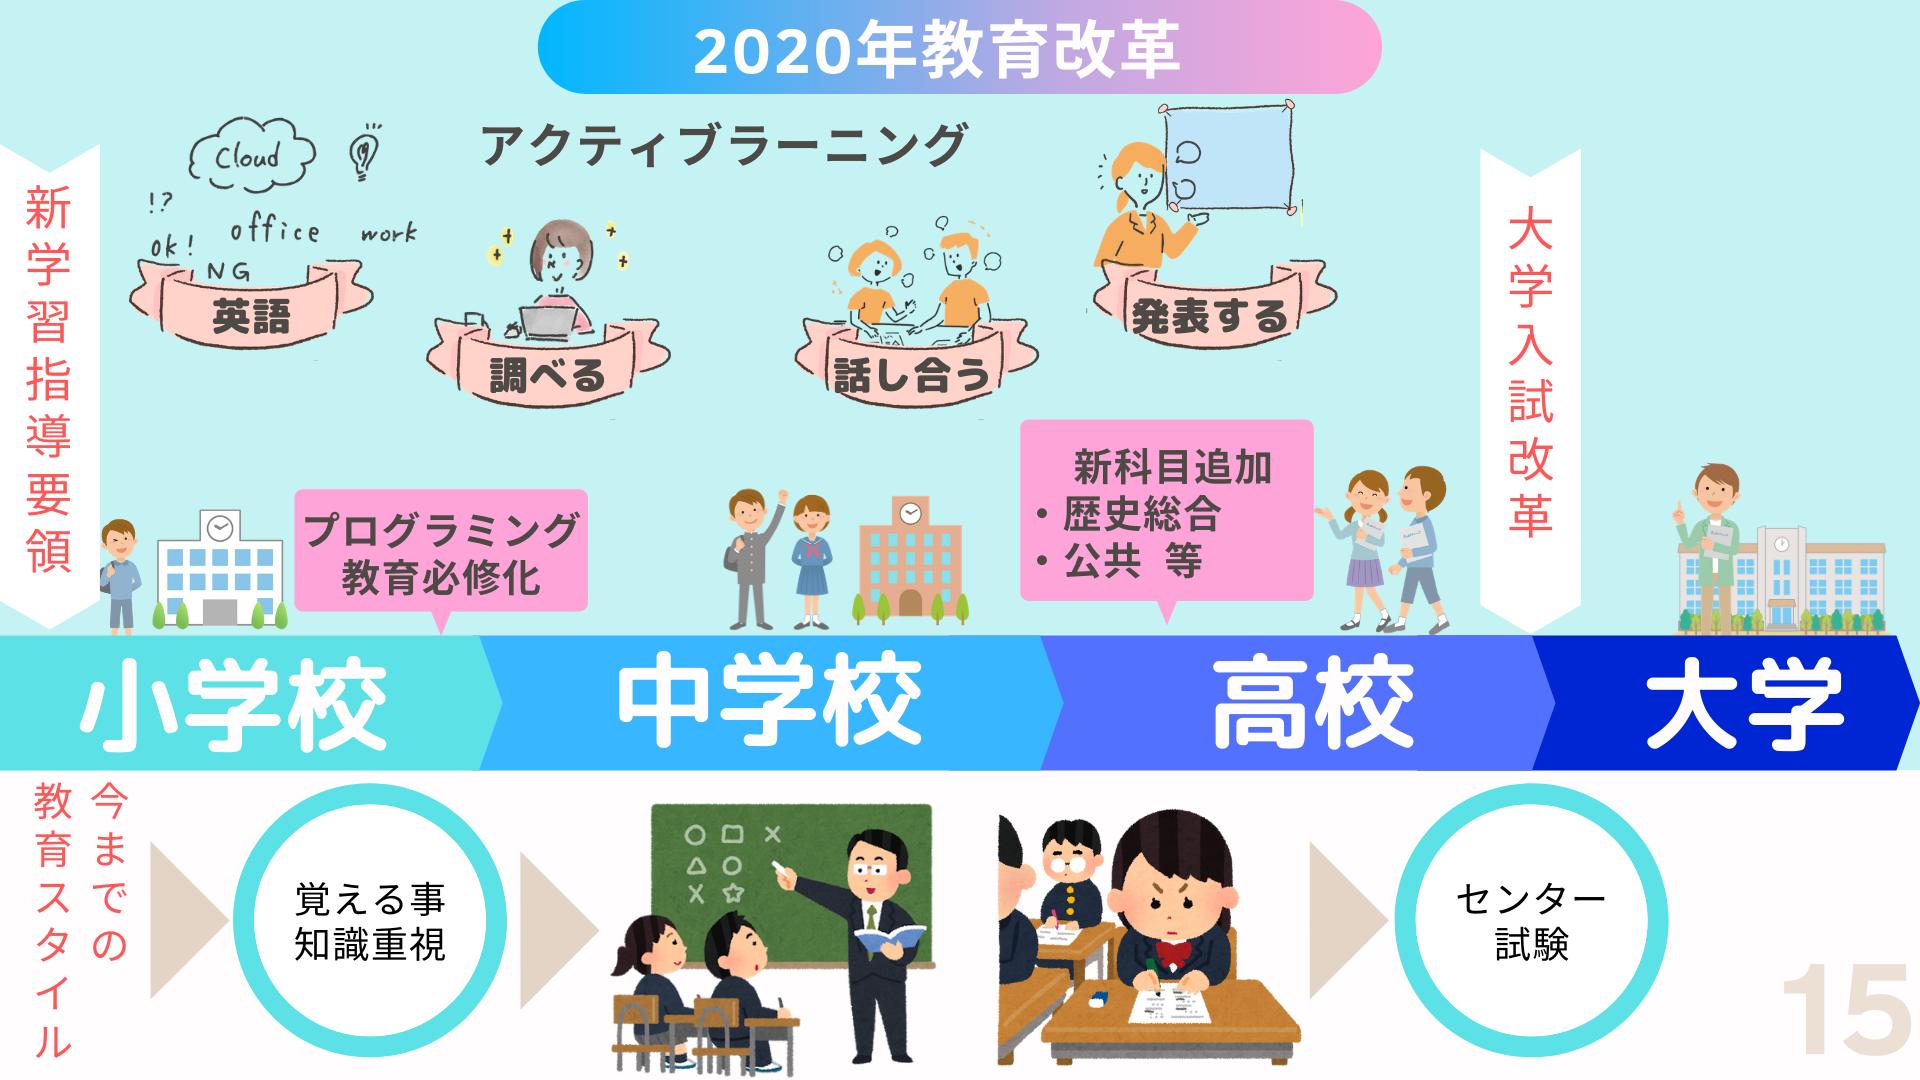 2020年度の教育改革って? ロボット&プログラミング教室 ミコノス横浜 in 保土ヶ谷駅前校